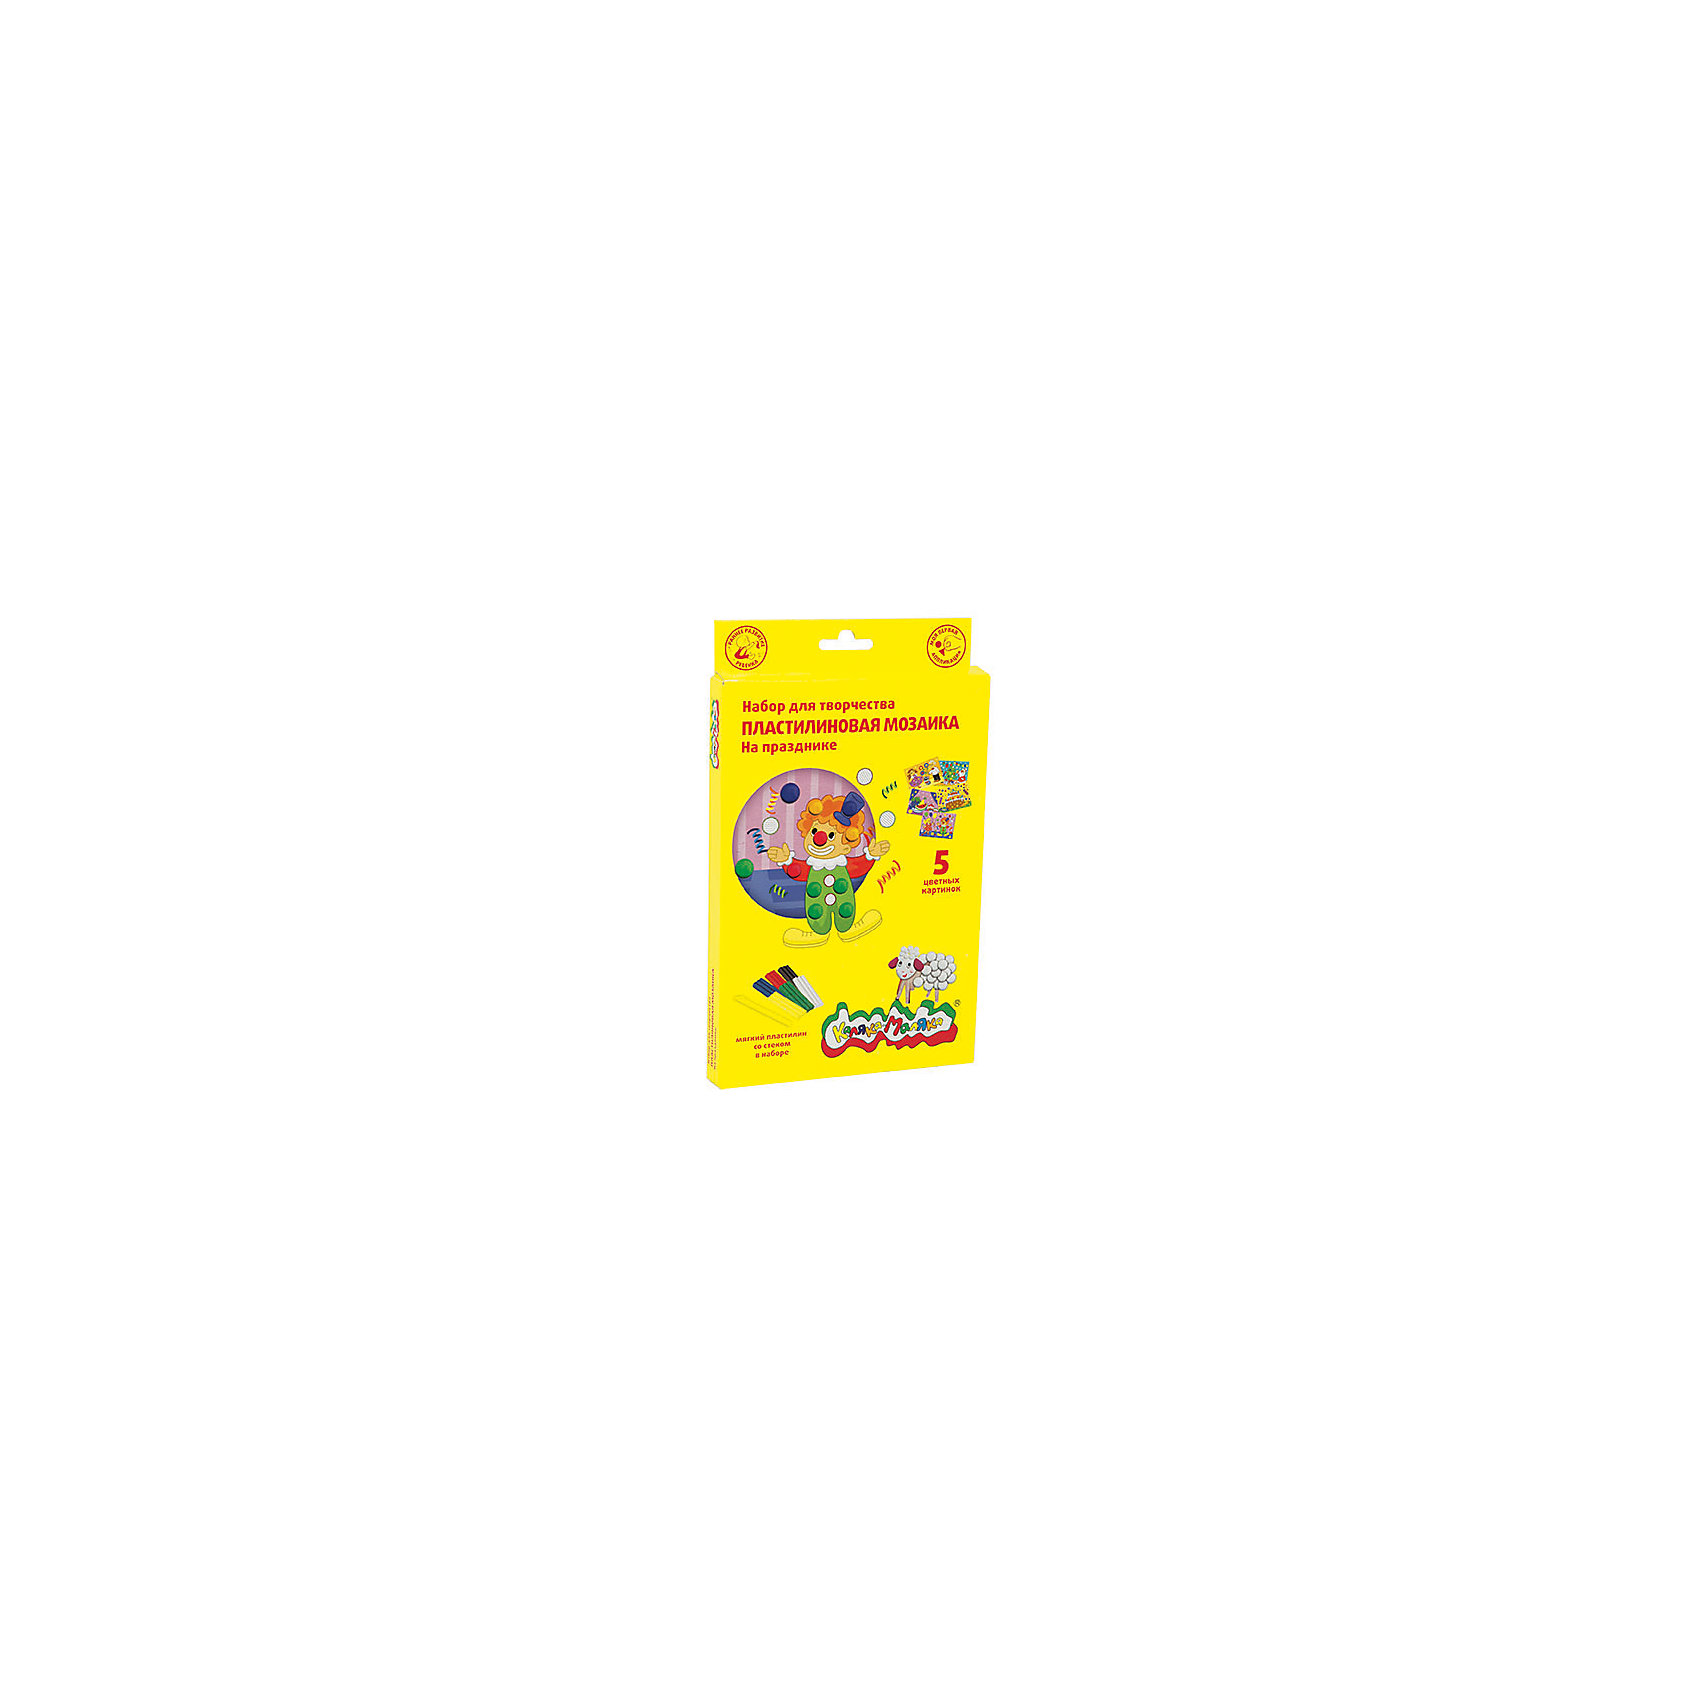 Пластилиновая мозаика 6 цветов На празднике, Каляка-МалякаЛепка<br>Пластилиновая мозаика 6 цветов На празднике, Каляка-Маляка.<br><br>Характеристики:<br><br>• Для детей в возрасте: от 3 до 7 лет<br>• В наборе: 5 картинок, мягкий пластилин 6 цветов, стек<br>• Упаковка: картонная коробка<br>• Размер упаковки: 15,5 х 25 х 2 см.<br><br>Малыши обожают играть с пластилином, но их пальчики еще не готовы к тому, чтобы создавать большие пластилиновые картины. Поэтому первой ступенью в занятиях пластилином является именно пластилиновая мозаика. Набор пластилиновой мозаики На празднике - это целых 5 ярких картинок и мягкий пластилин 6 цветов со стеком. <br><br>На картинках часть деталей оставлена не закрашенной. Малышу нужно будет заполнить пластилином кружочки, капельки, полоски. В процессе игры дети научатся раскатывать, сплющивать пластилин, размазывать его пальчиками по картинке, смешивать цвета. В набор вложен пластилин с особенной мягкой текстурой - ребенку будет очень легко и приятно с ним работать. Картинки выполнены на плотном картоне - готовую работу можно будет поставить на полку, чтобы малыш гордился своей поделкой!<br><br>Пластилиновую мозаику 6 цветов На празднике, Каляка-Маляка можно купить в нашем интернет-магазине.<br><br>Ширина мм: 155<br>Глубина мм: 225<br>Высота мм: 200<br>Вес г: 150<br>Возраст от месяцев: 36<br>Возраст до месяцев: 84<br>Пол: Унисекс<br>Возраст: Детский<br>SKU: 5562959